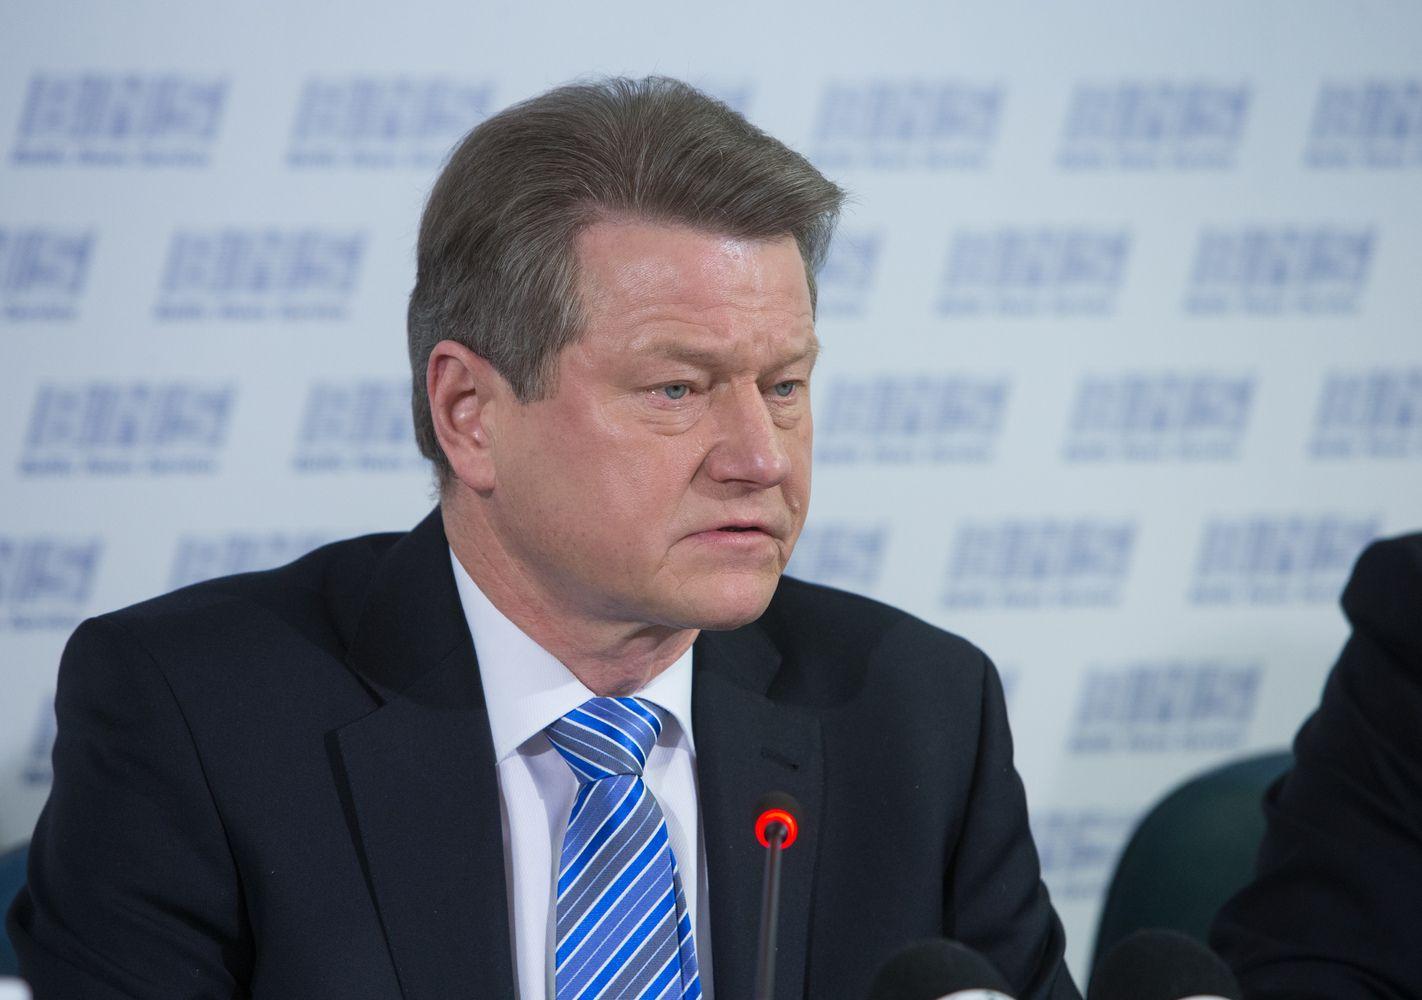 Rolandui Paksui pareikšti įtarimai prekyba poveikiu